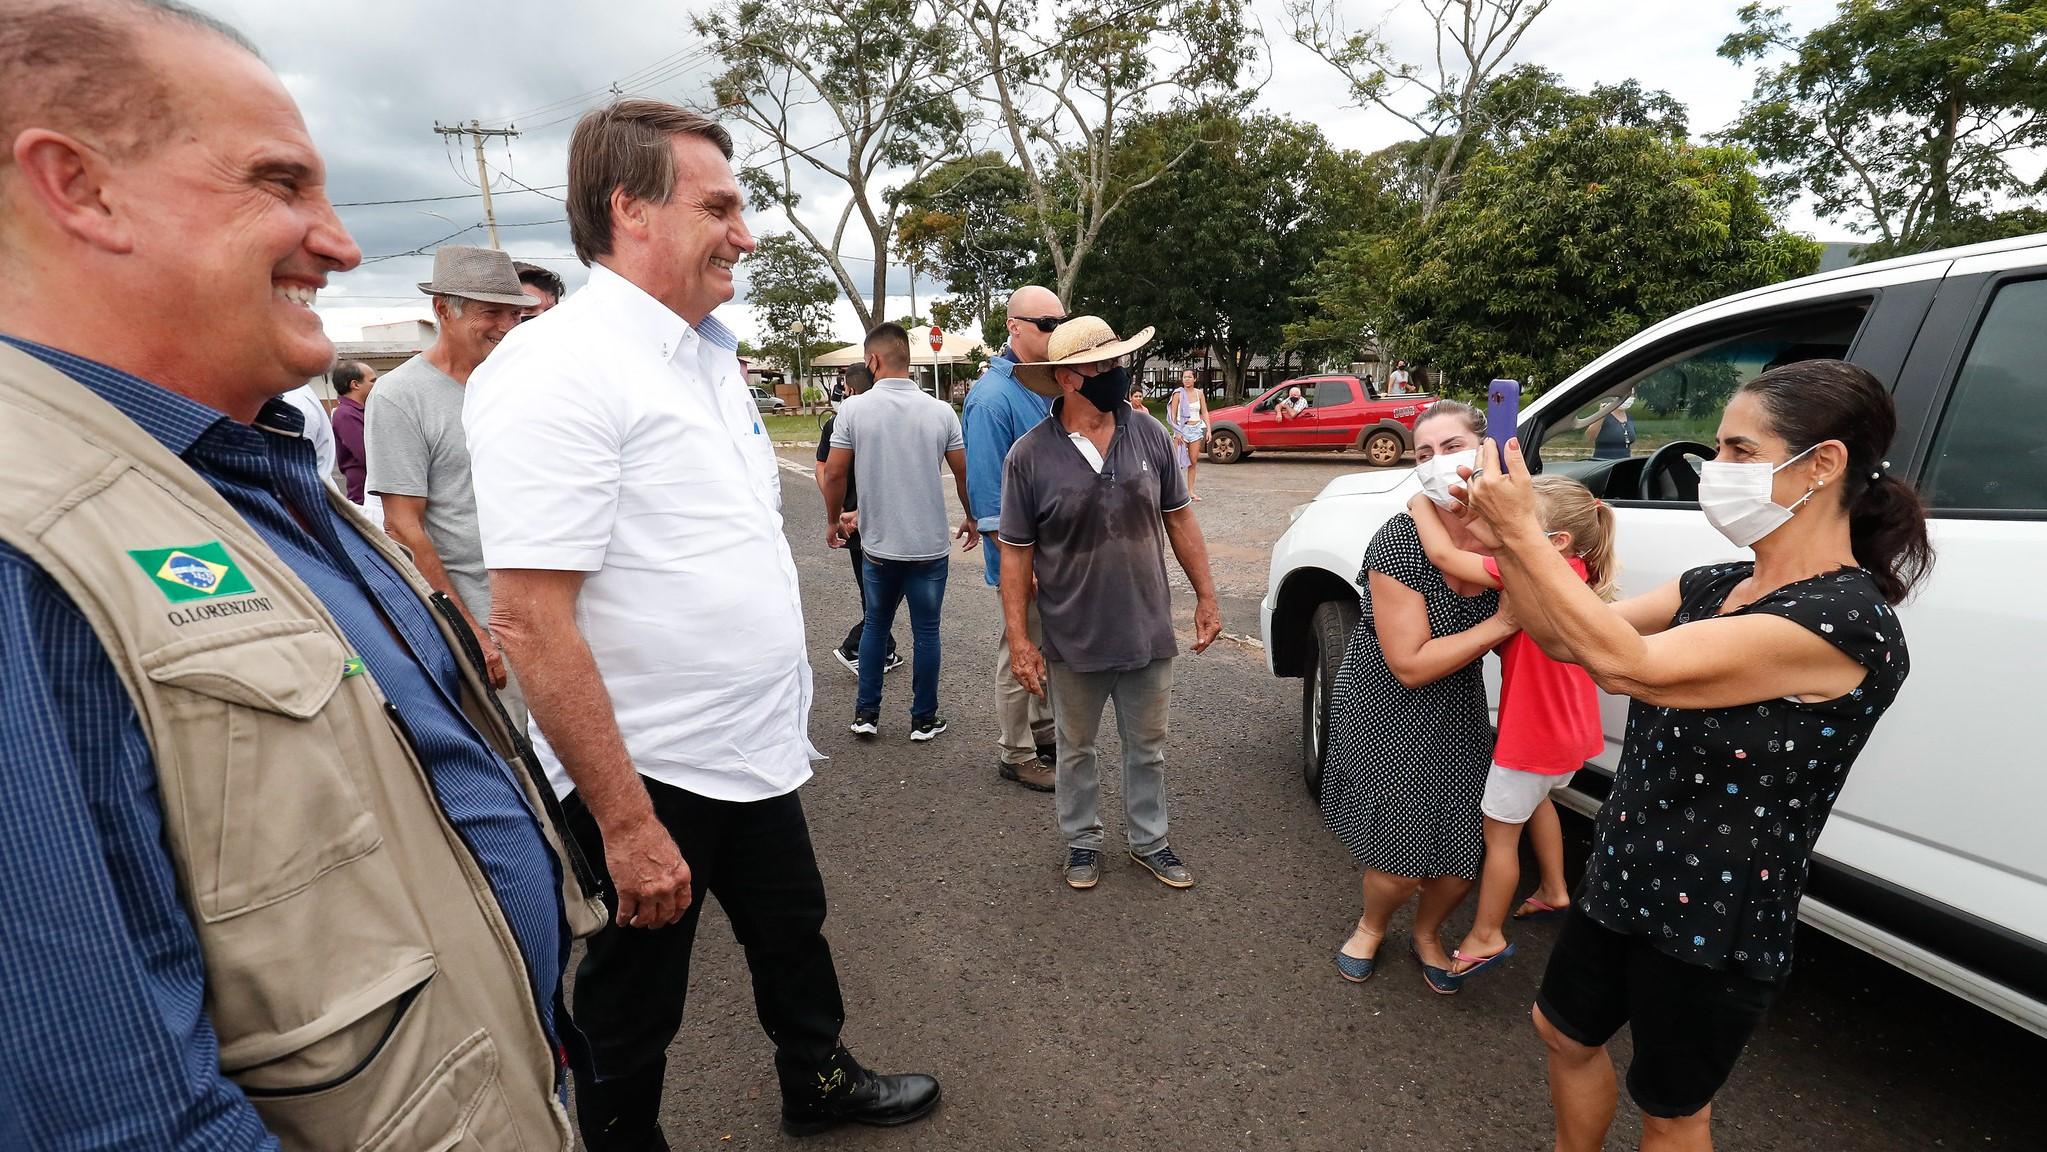 IMAGEM: Juiz manda soltar homem preso por incitar seguidores a agredir Bolsonaro